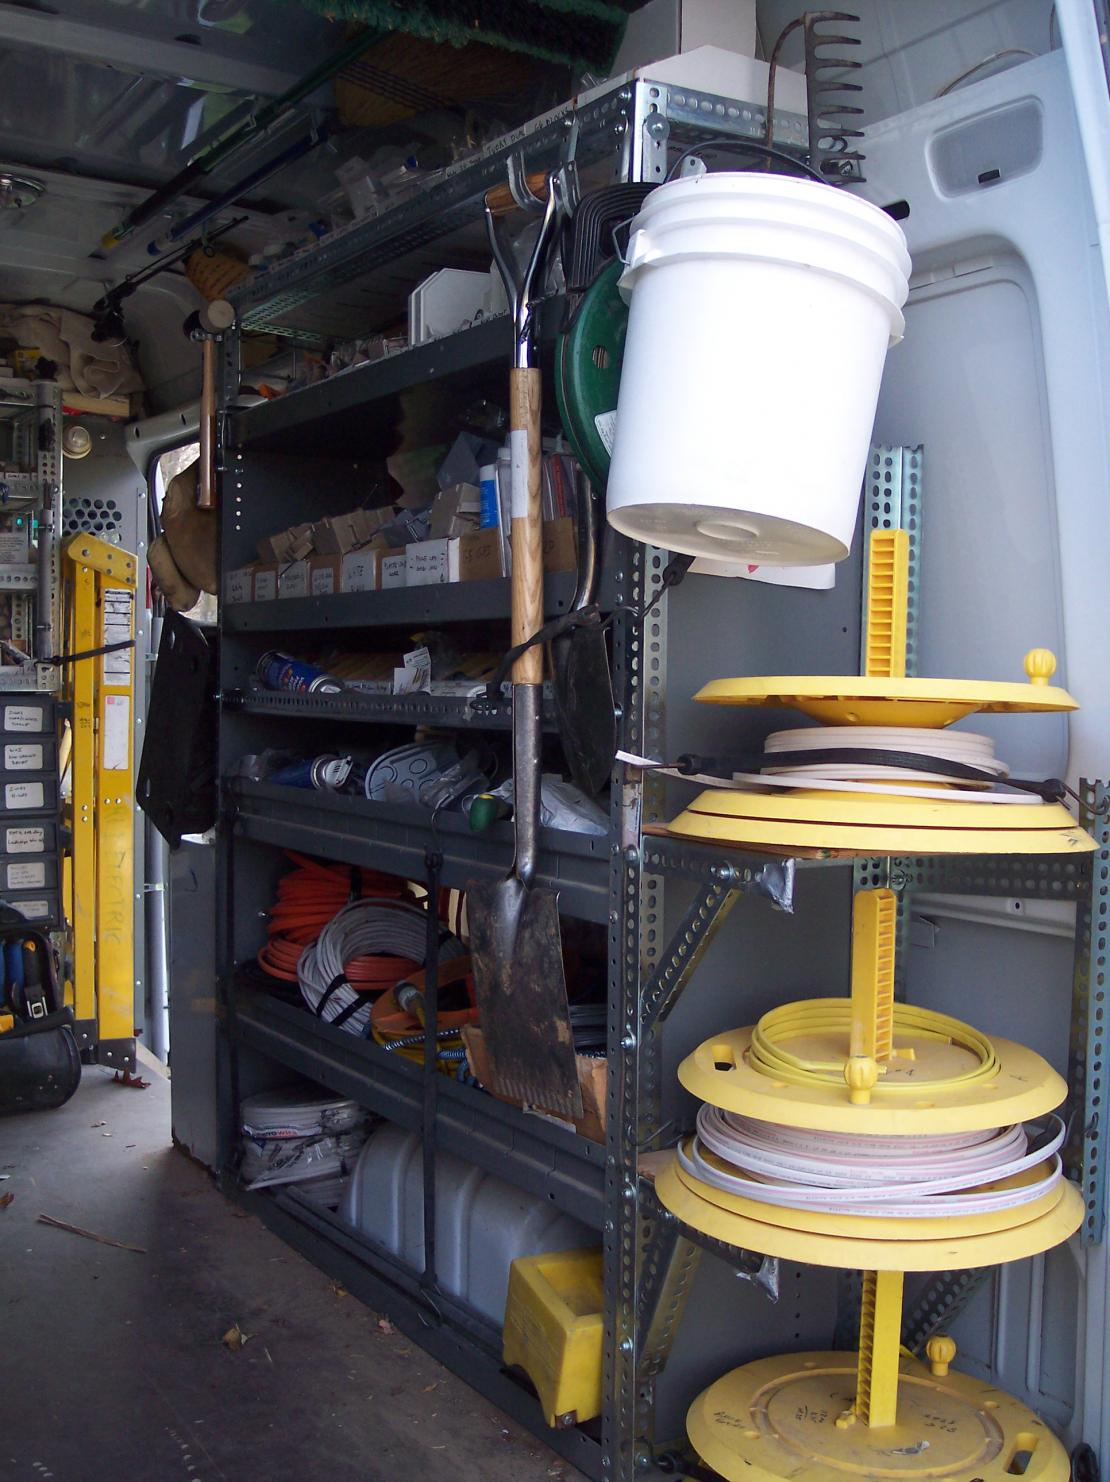 Post your work truck/van thread-truck-pictures-nov08-003.jpg